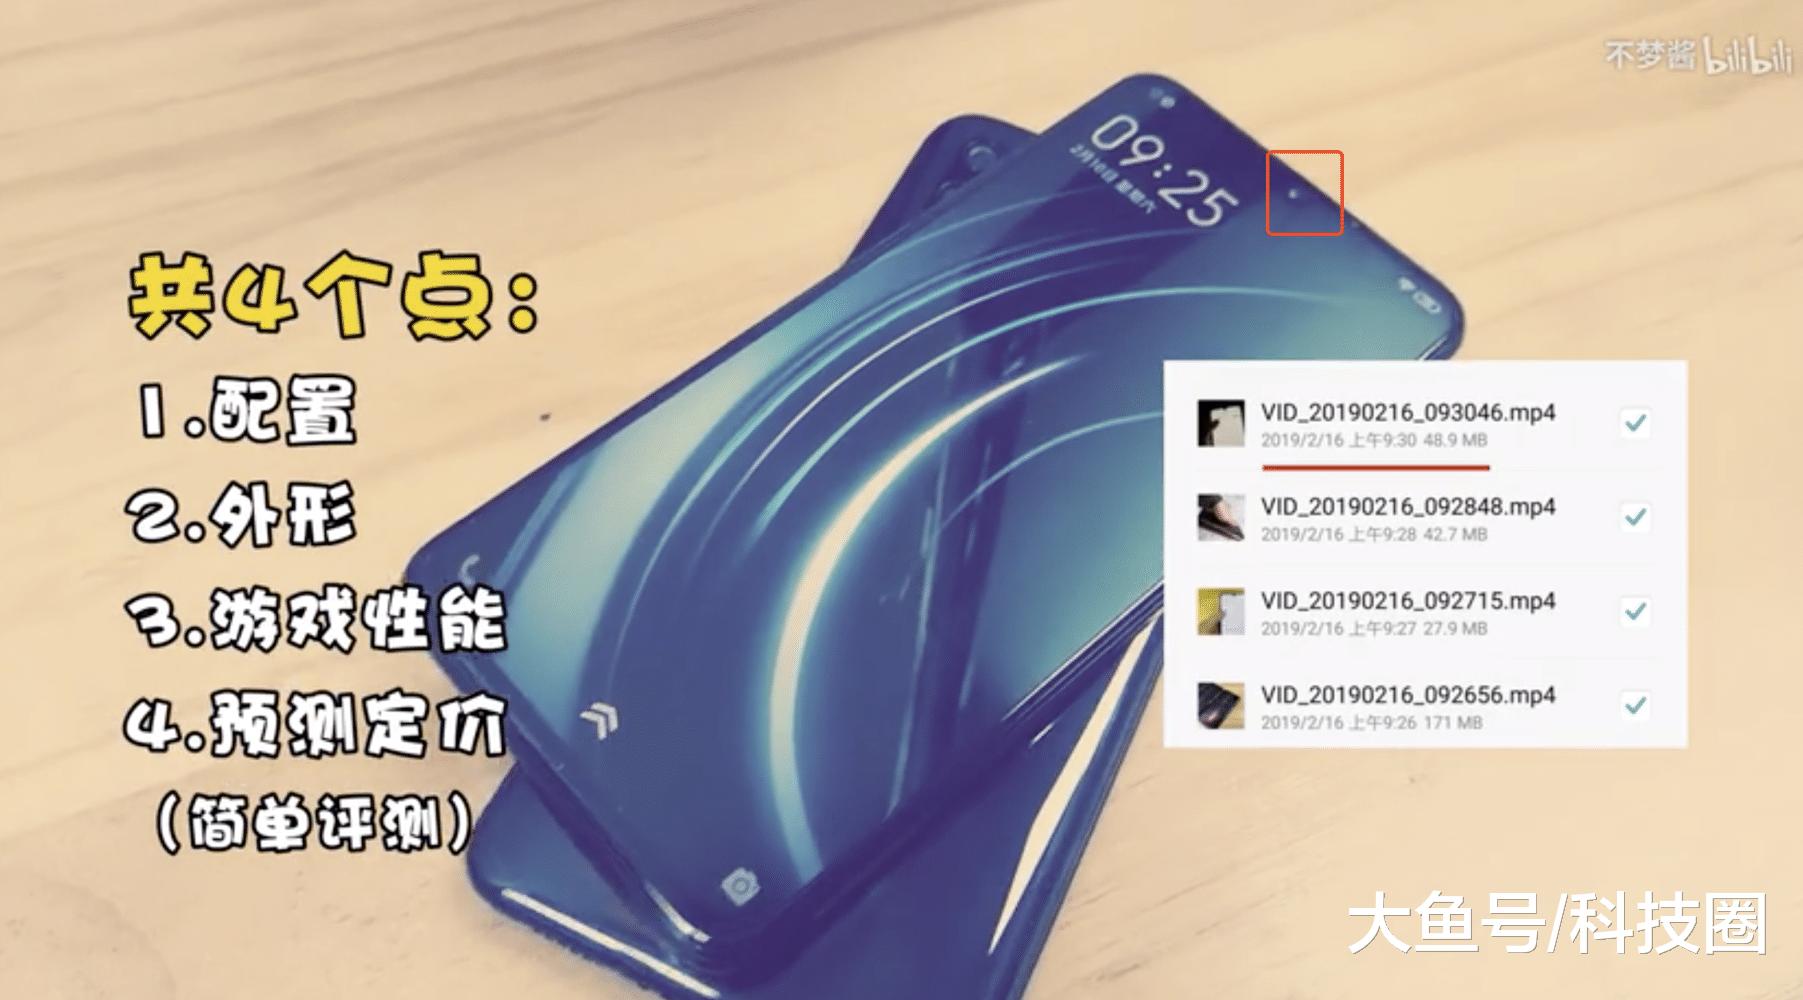 小米9公模再次实锤,iQOO真机上手售价将影响小米